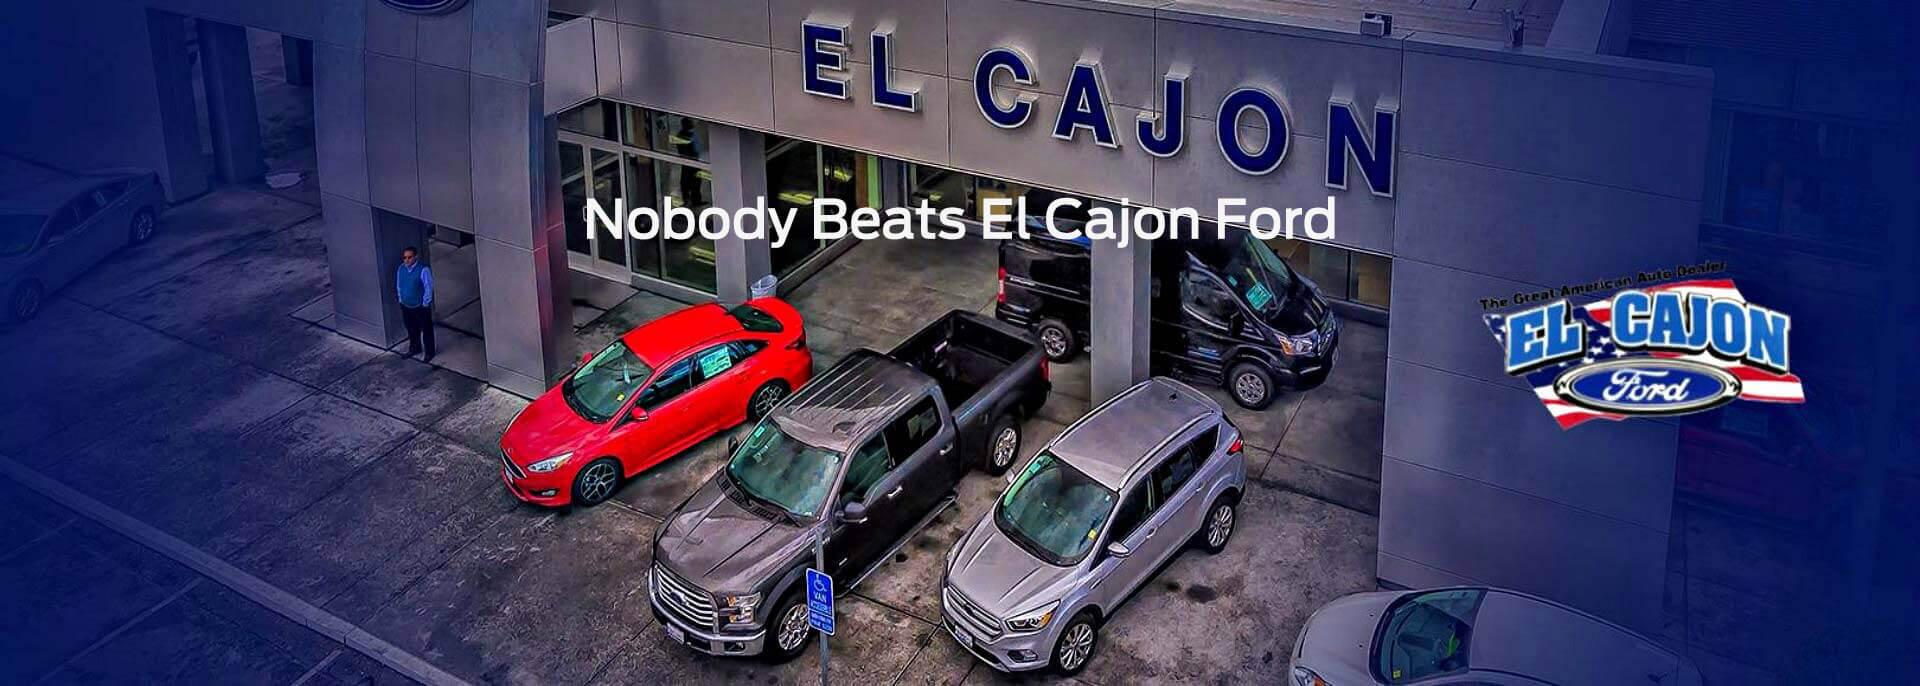 Ford Dealership Near San Diego Ca El Cajon Ford